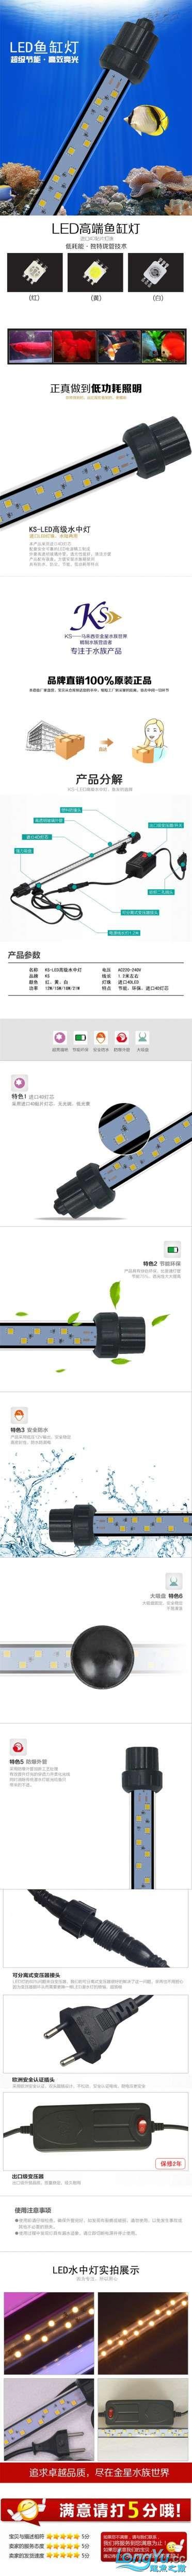 LED水中灯1.jpg